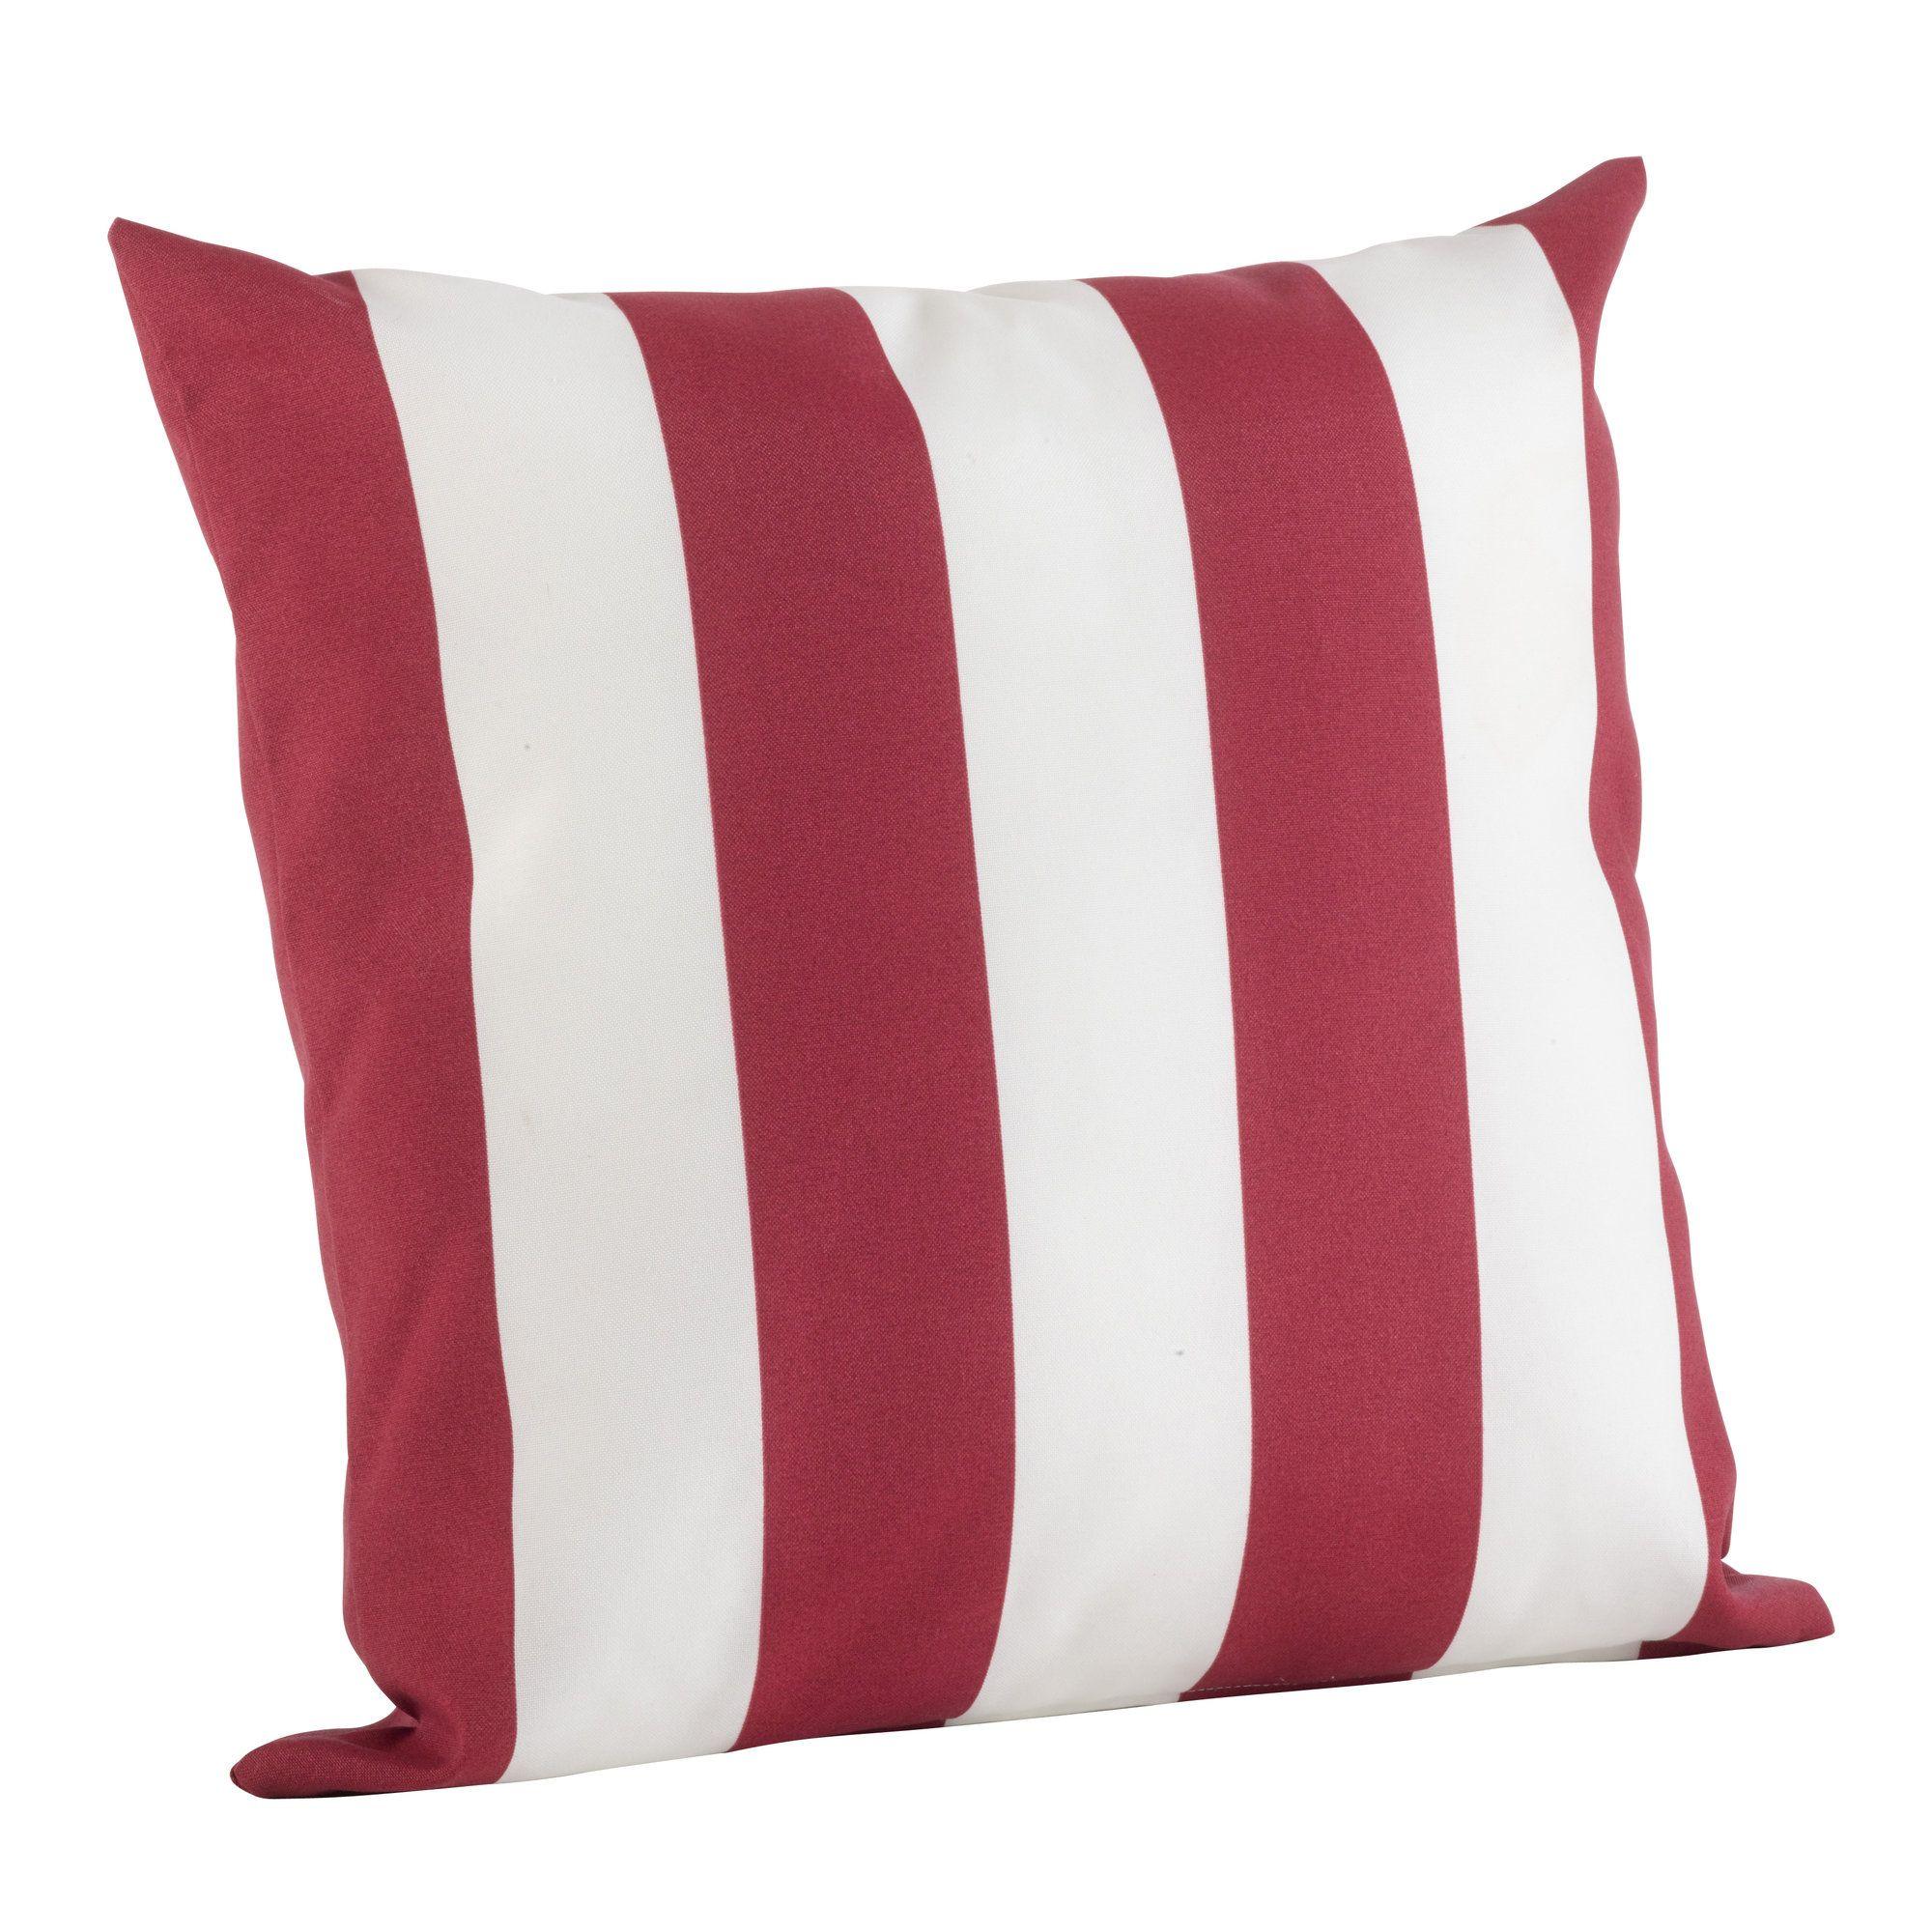 Classic Stripe Indoor Outdoor Throw Pillow Throw Pillows Outdoor Pillow Covers Striped Outdoor Pillow